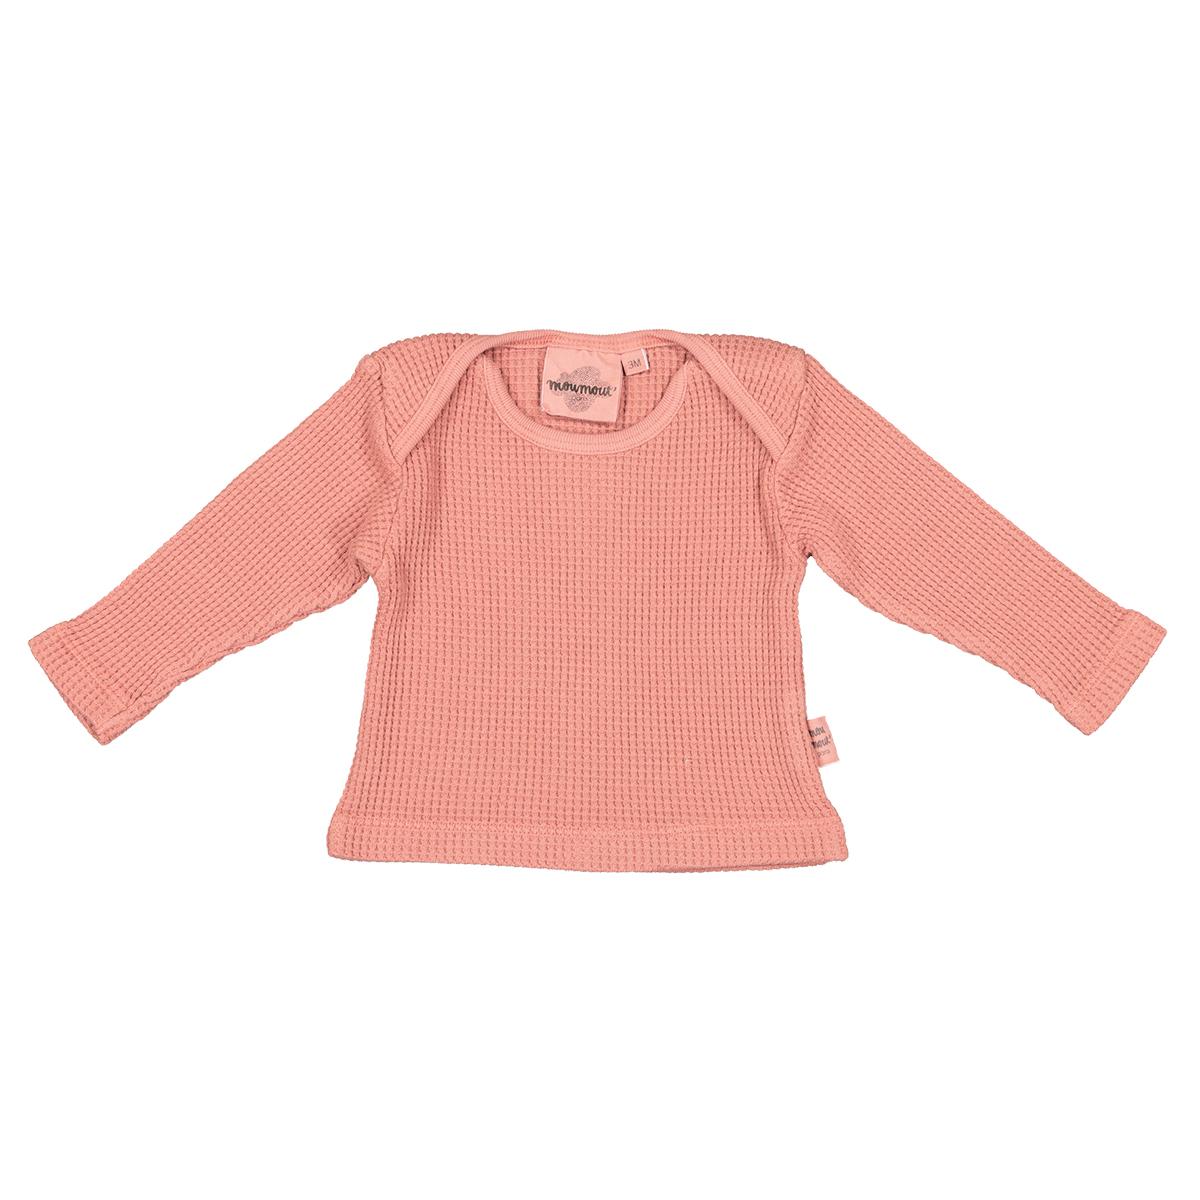 Haut bébé Tee-shirt Mü Bee Terracotta - 18 Mois Tee-shirt Mü Bee Terracotta - 18 Mois